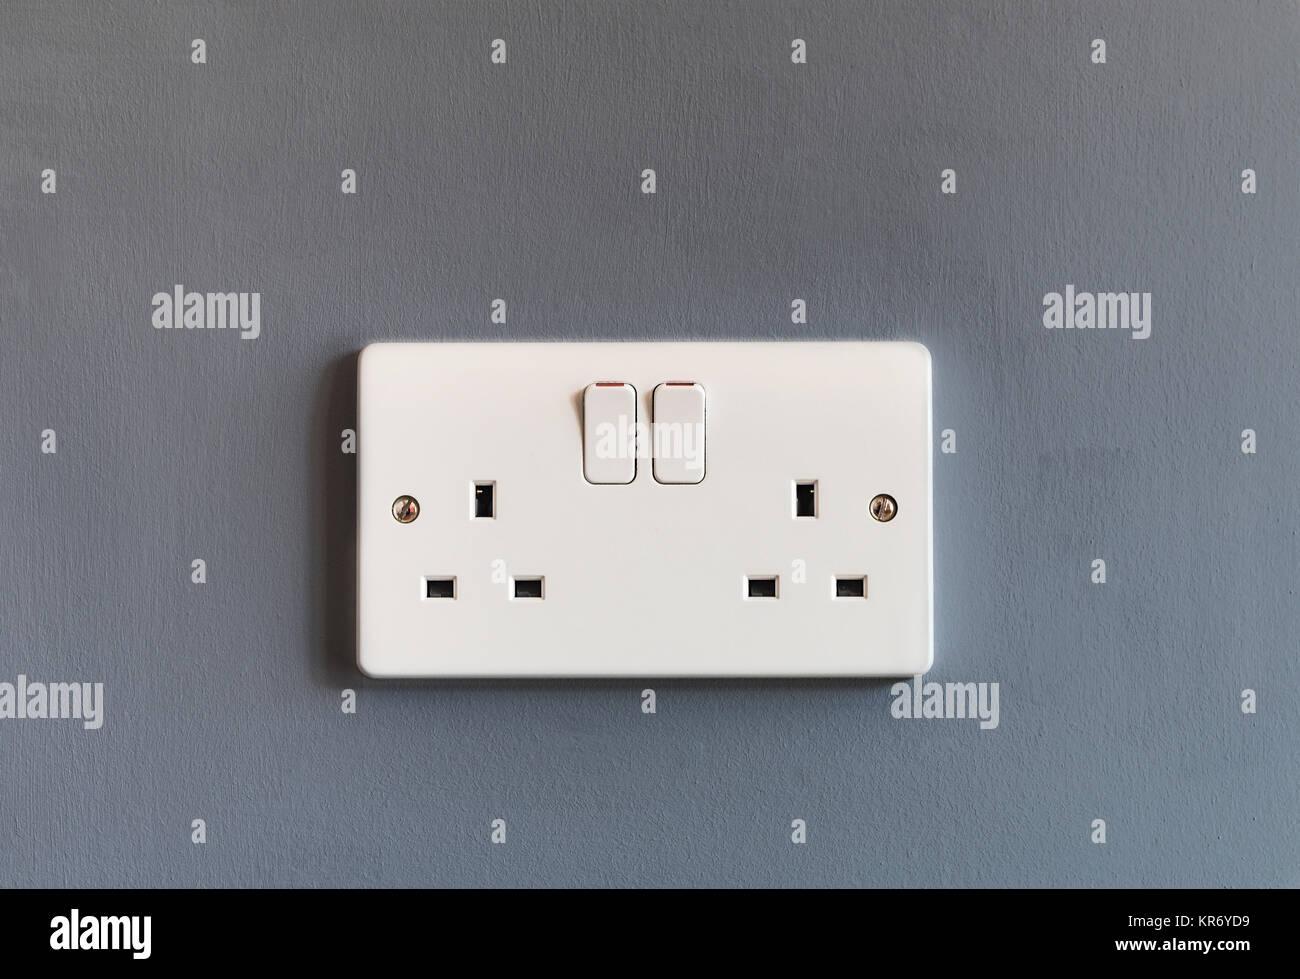 Inlandsflüge Großbritannien 3 pin Stecker mit der Steckdose aus weißem Kunststoff auf einer grauen Stockbild